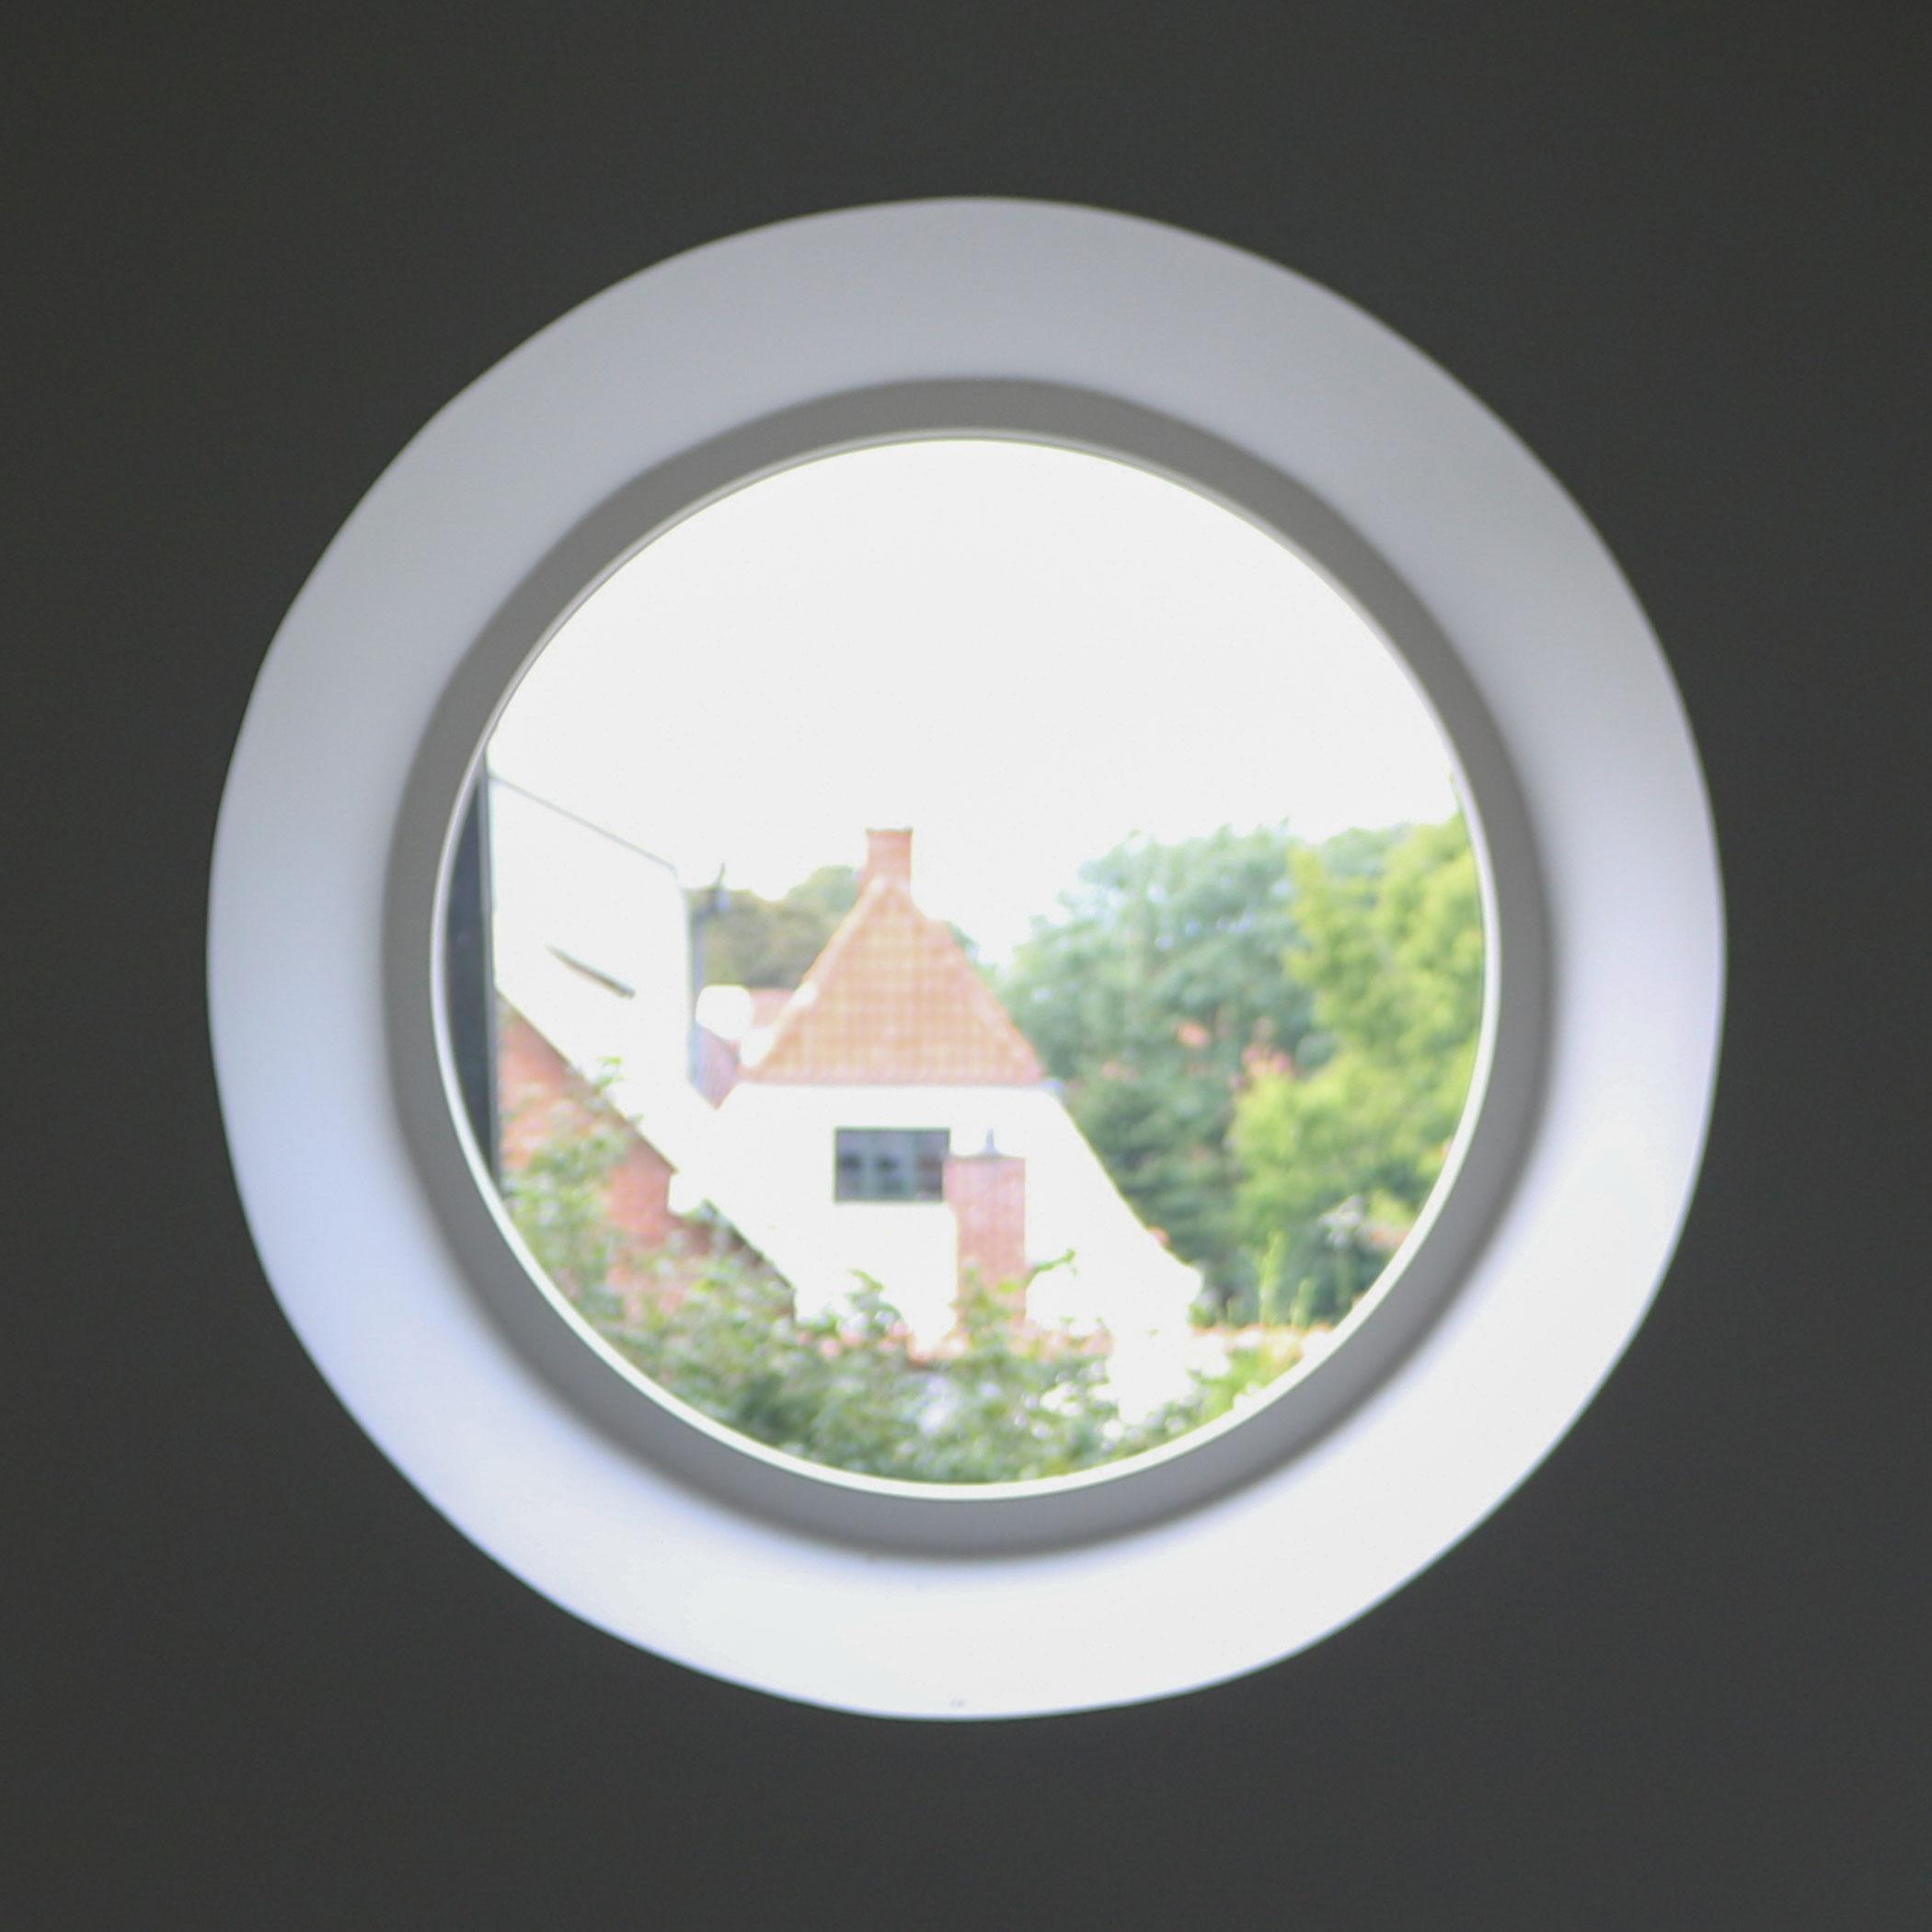 Rundt vindue indefra